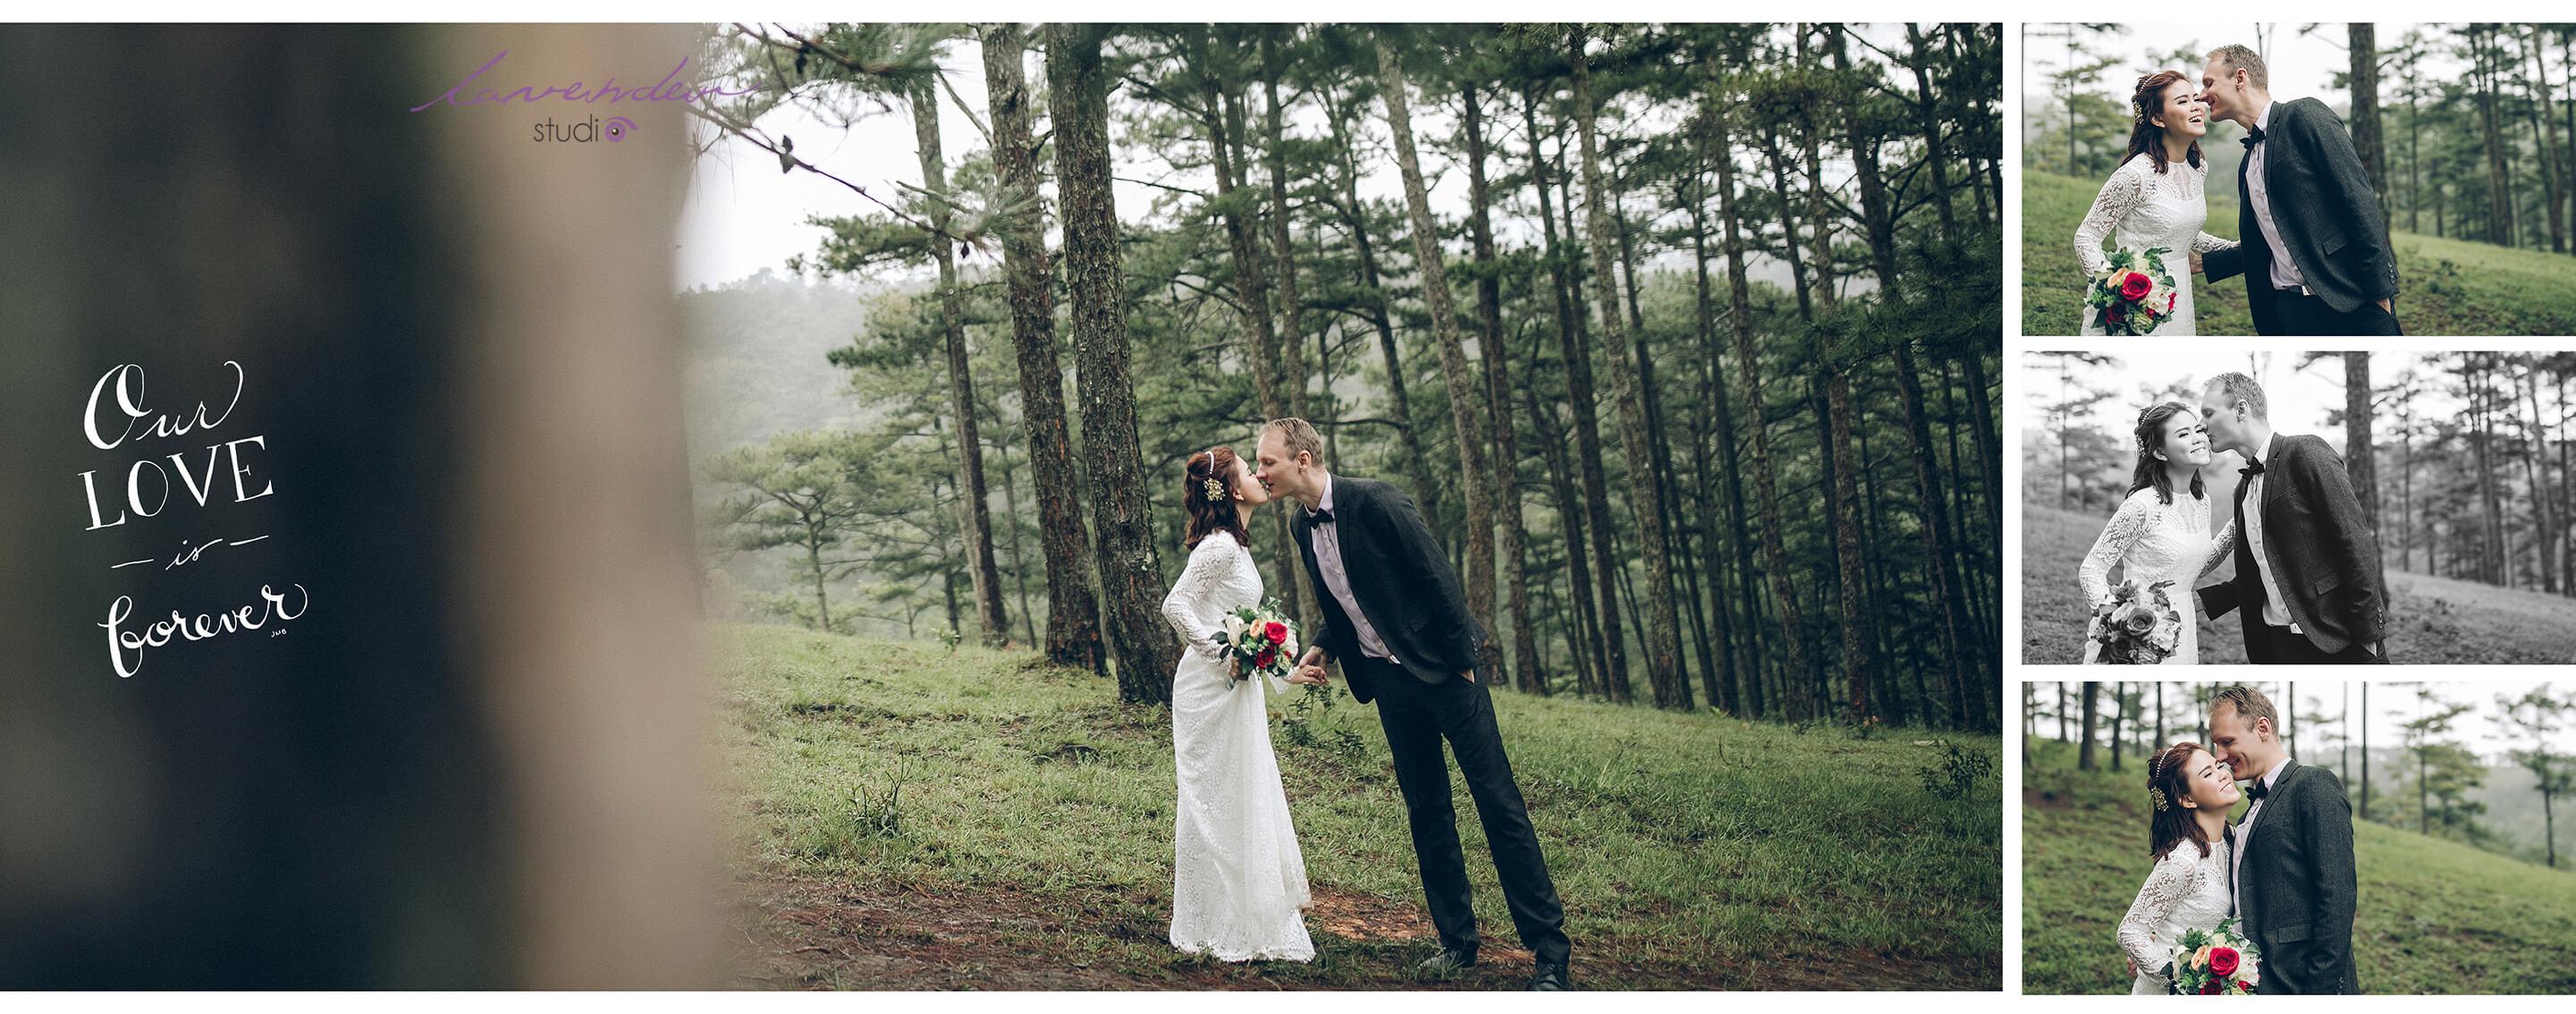 Trọn gói dịch vụ du lịch kết hợp chụp ảnh cưới Đà Lạt